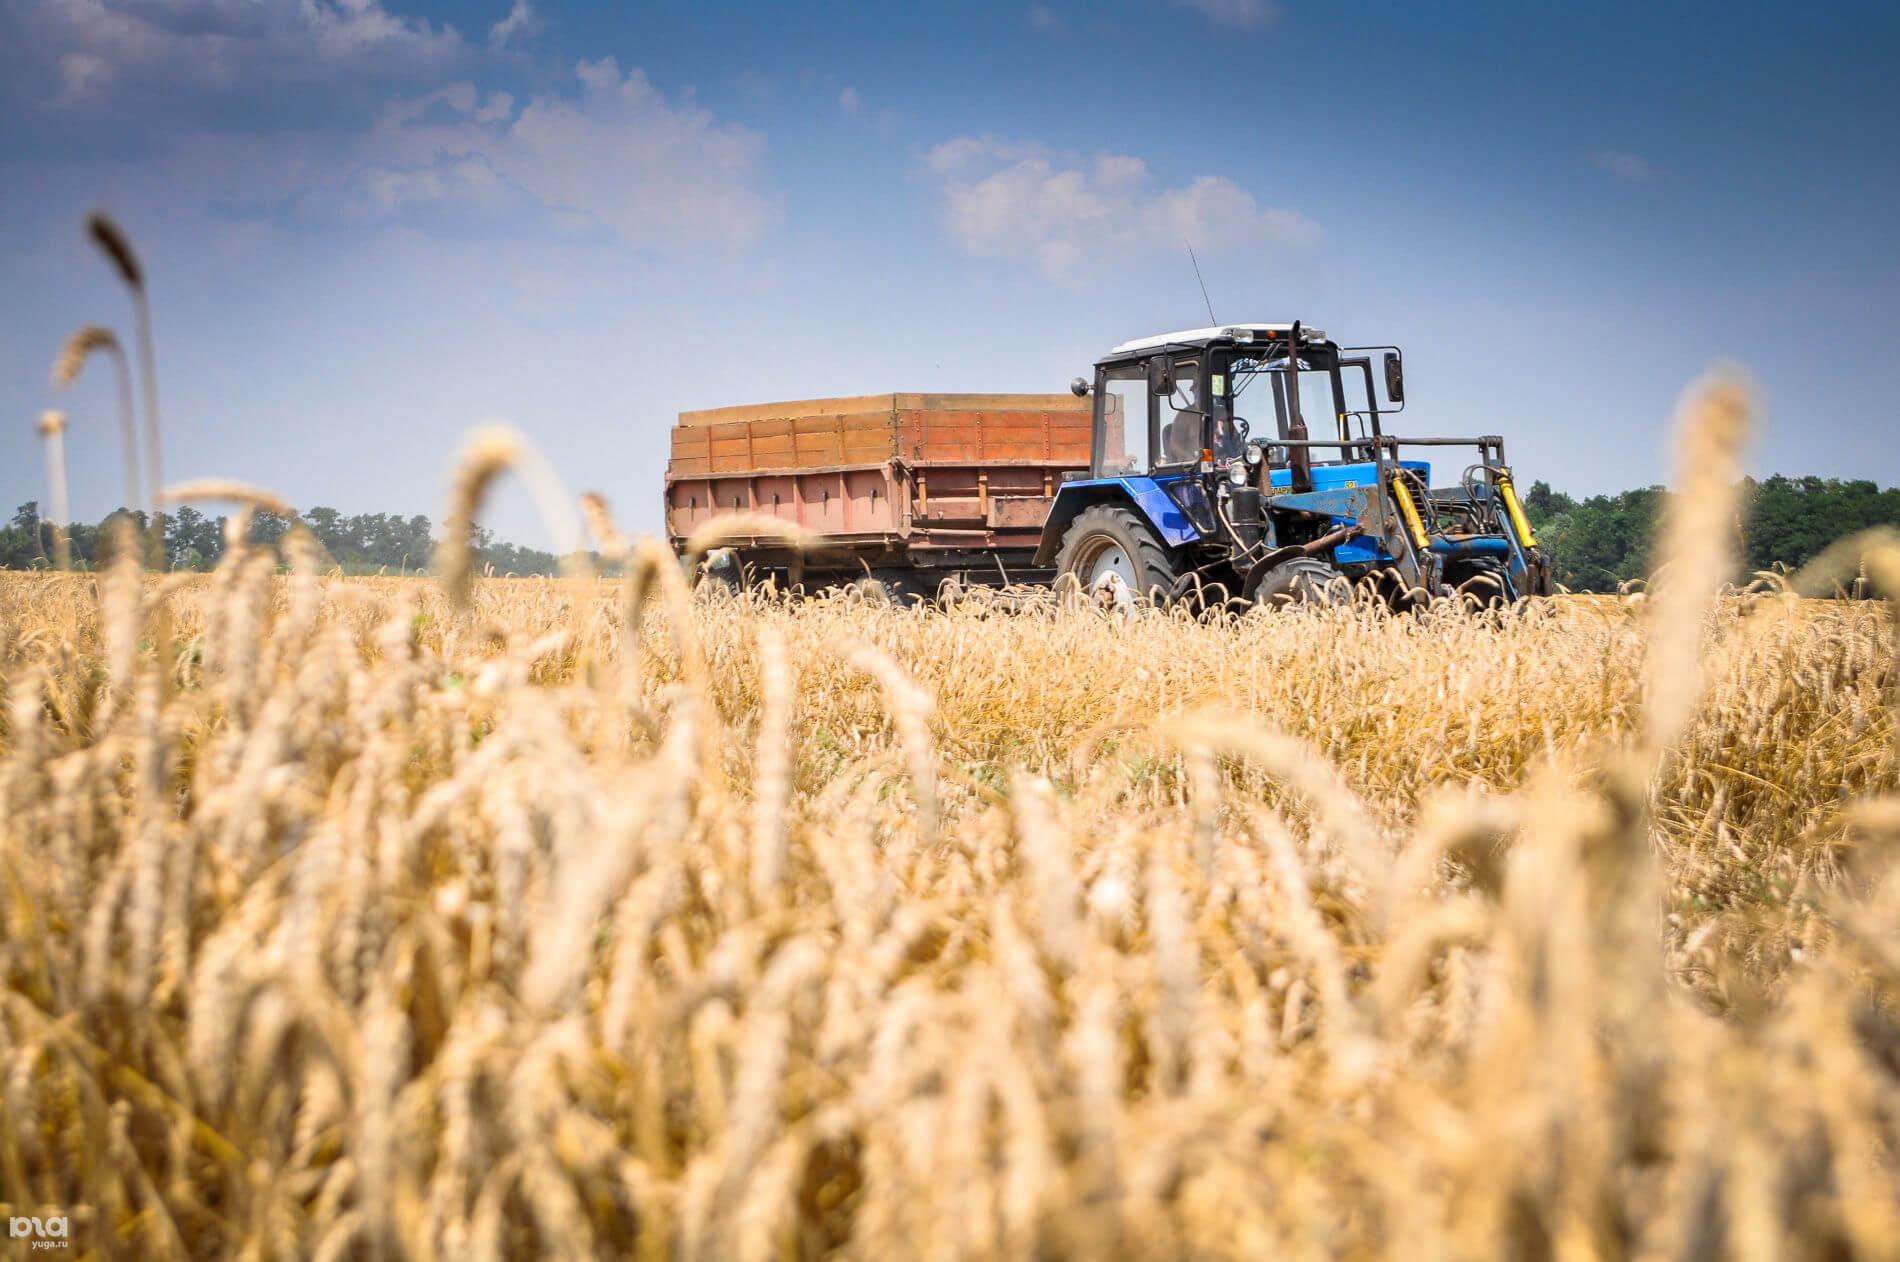 В период с июля по сентябрь 18/19 МГ экспорт пшеницы из Украины снизился на 11%